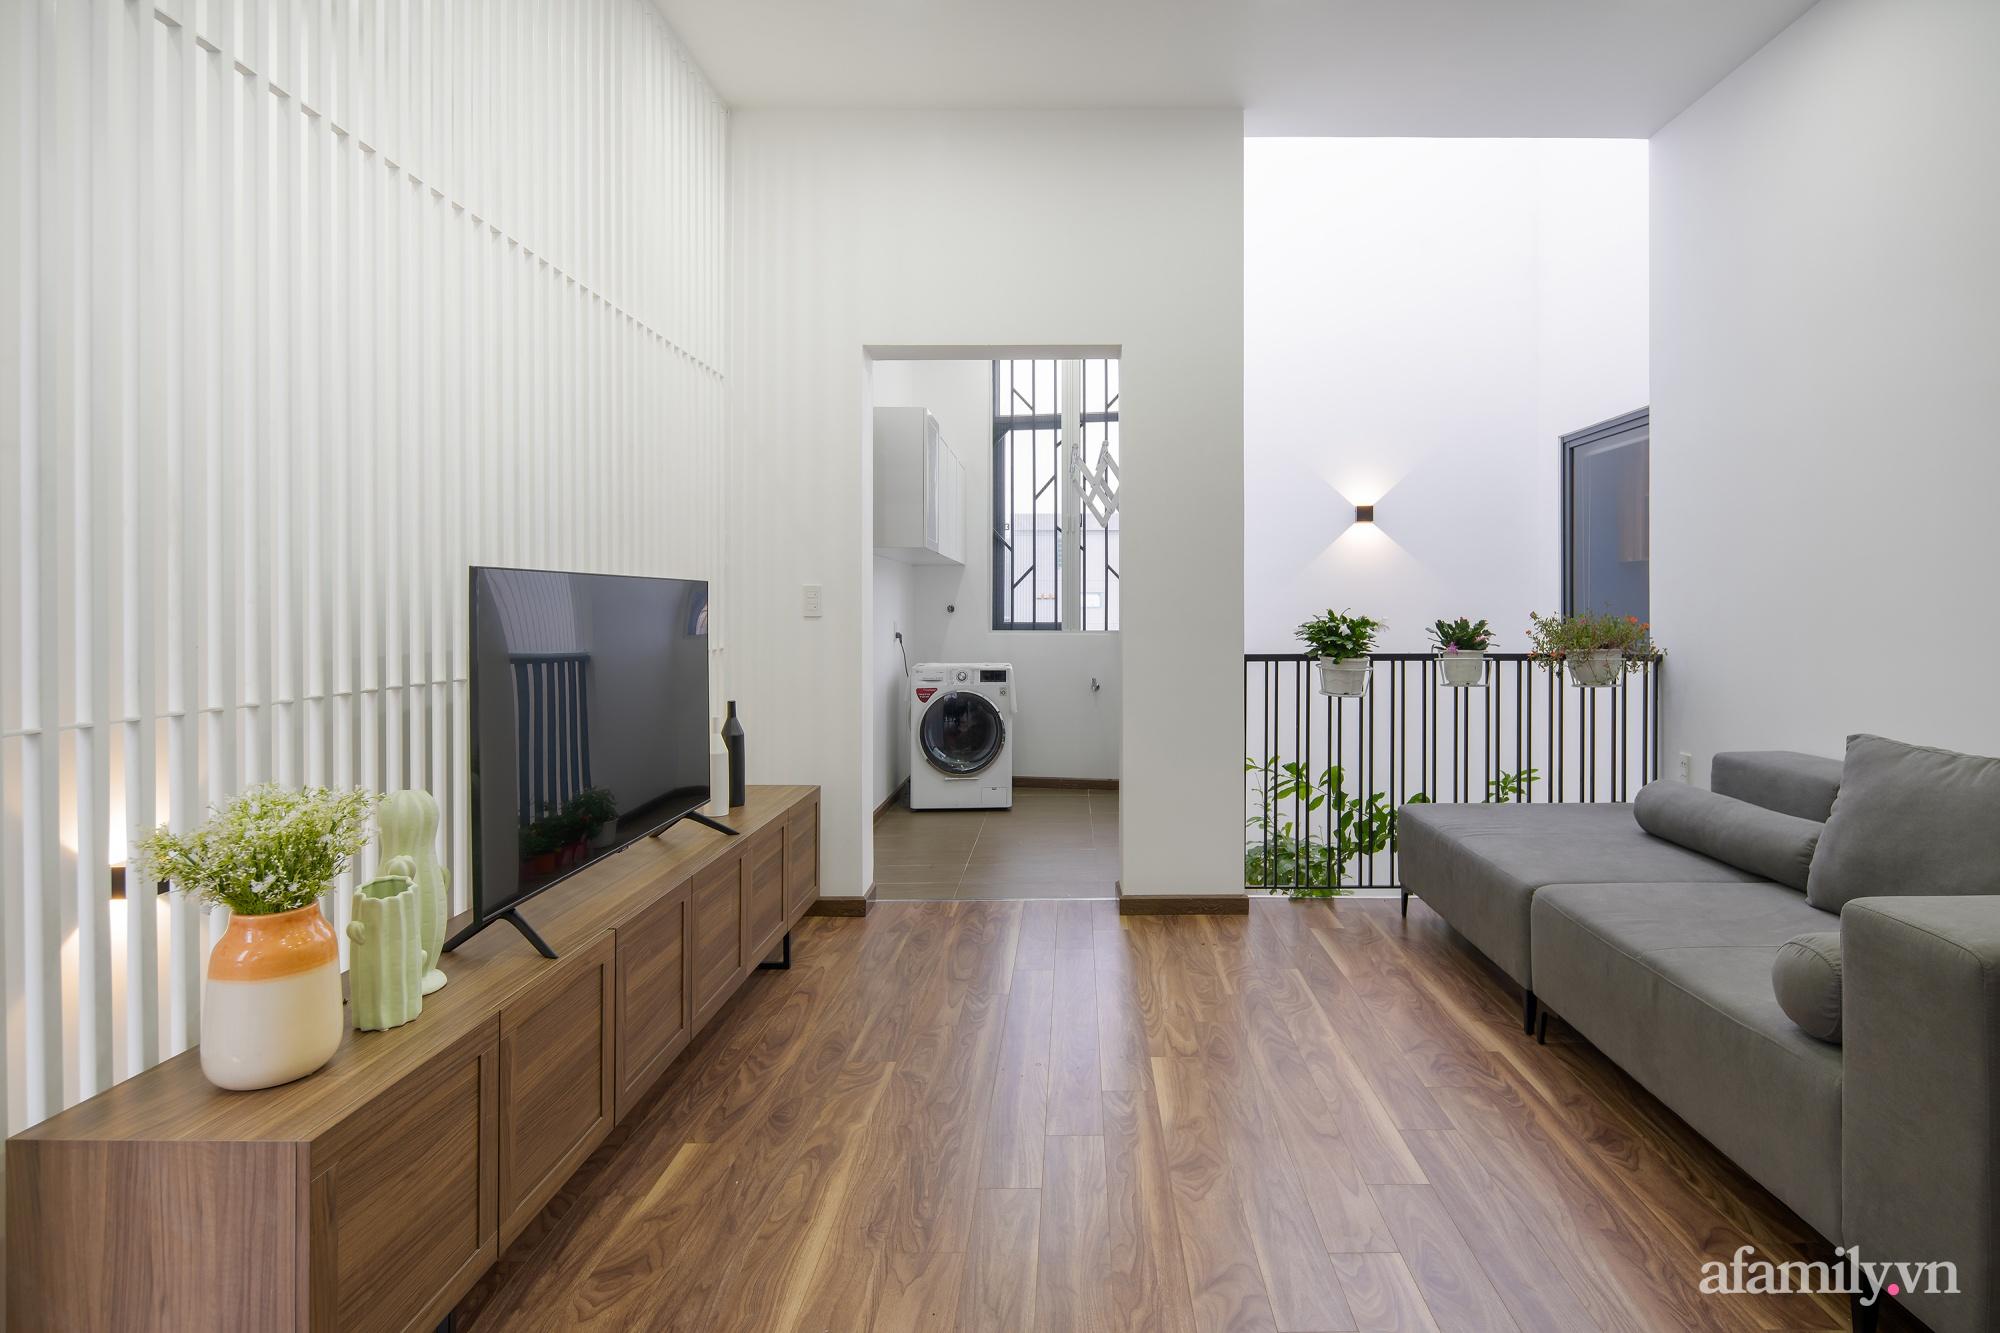 Nhà trong hẻm nhỏ vẫn ngập tràn ánh sáng, duyên dáng với nội thất tối giản ở Đà Nẵng - Ảnh 25.